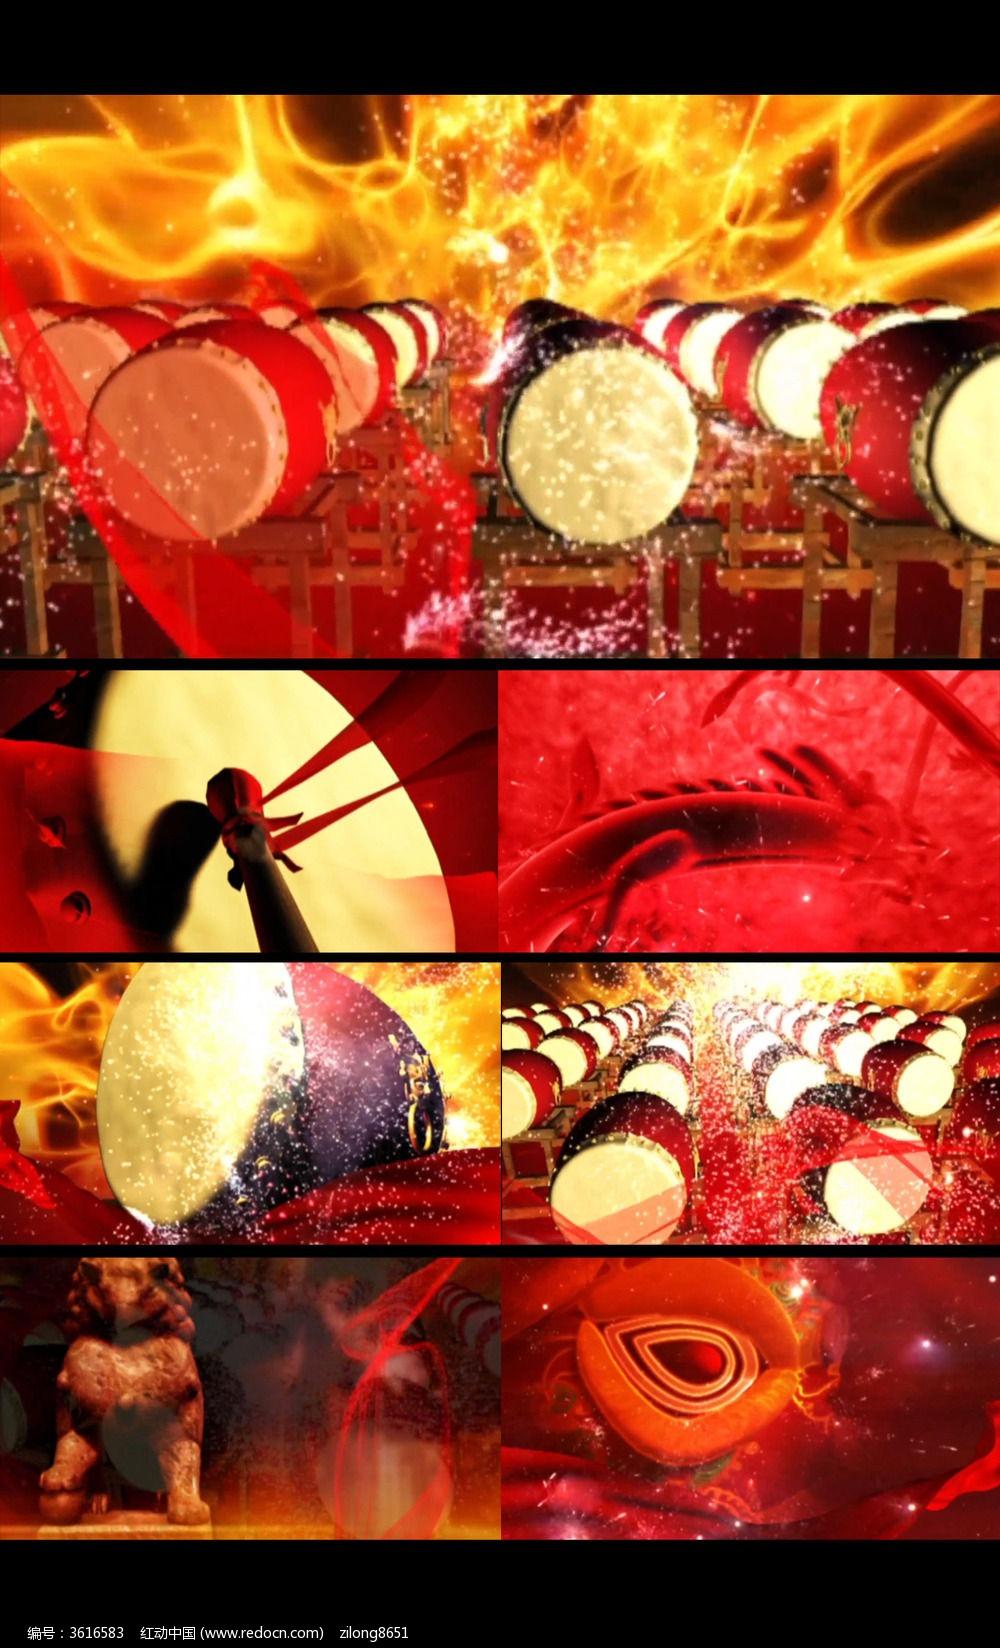 中国红舞台网_中国红击鼓舞台背景高清素材_红动网